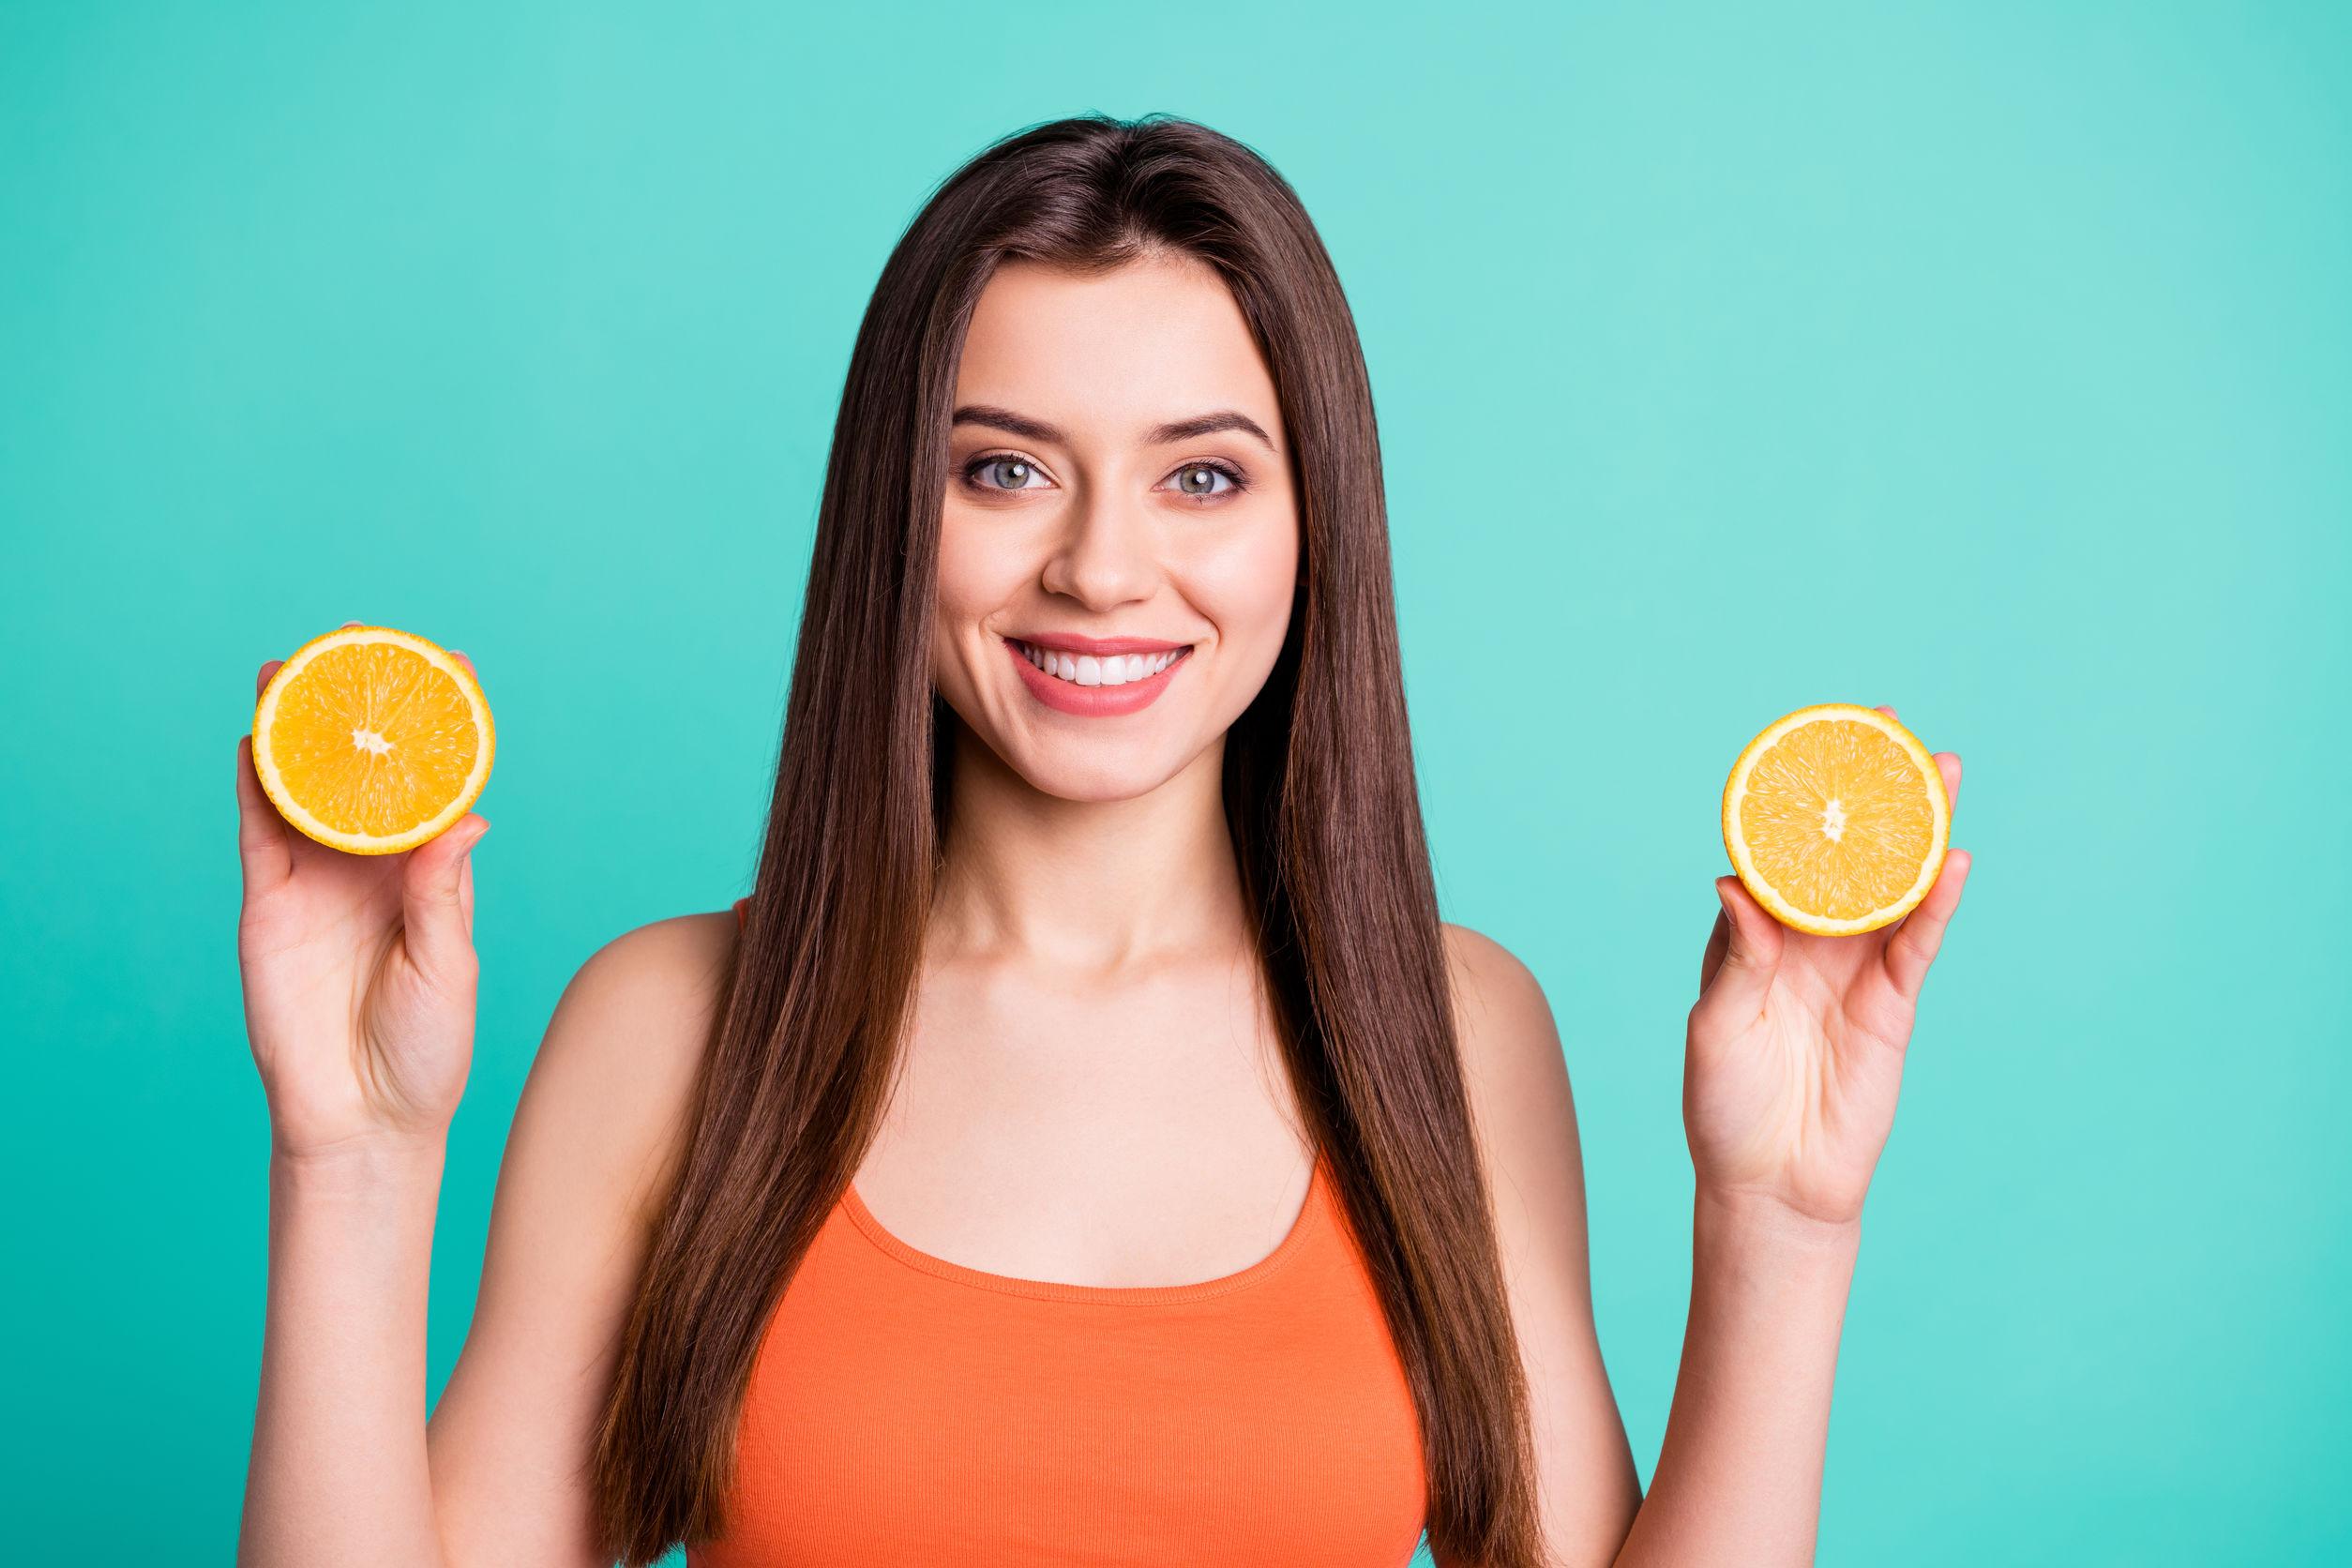 Imagem de uma mulher segurando duas metades de uma laranja.